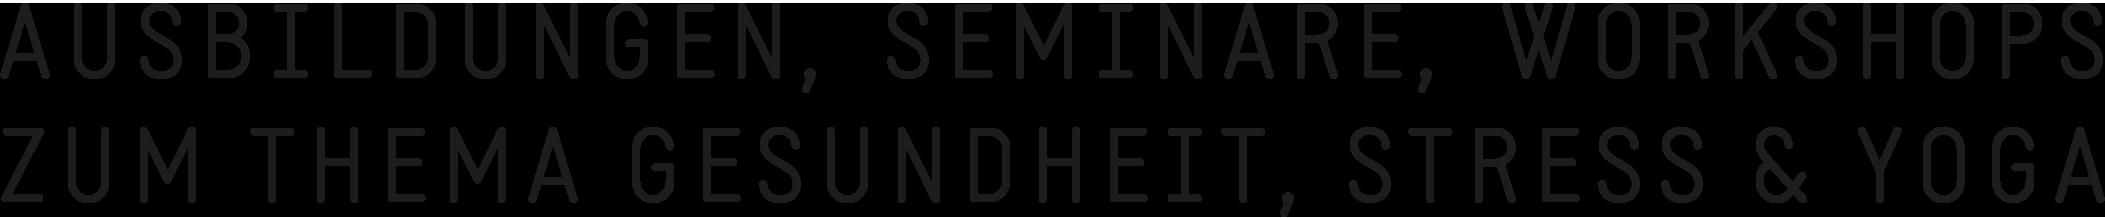 bottom image logo